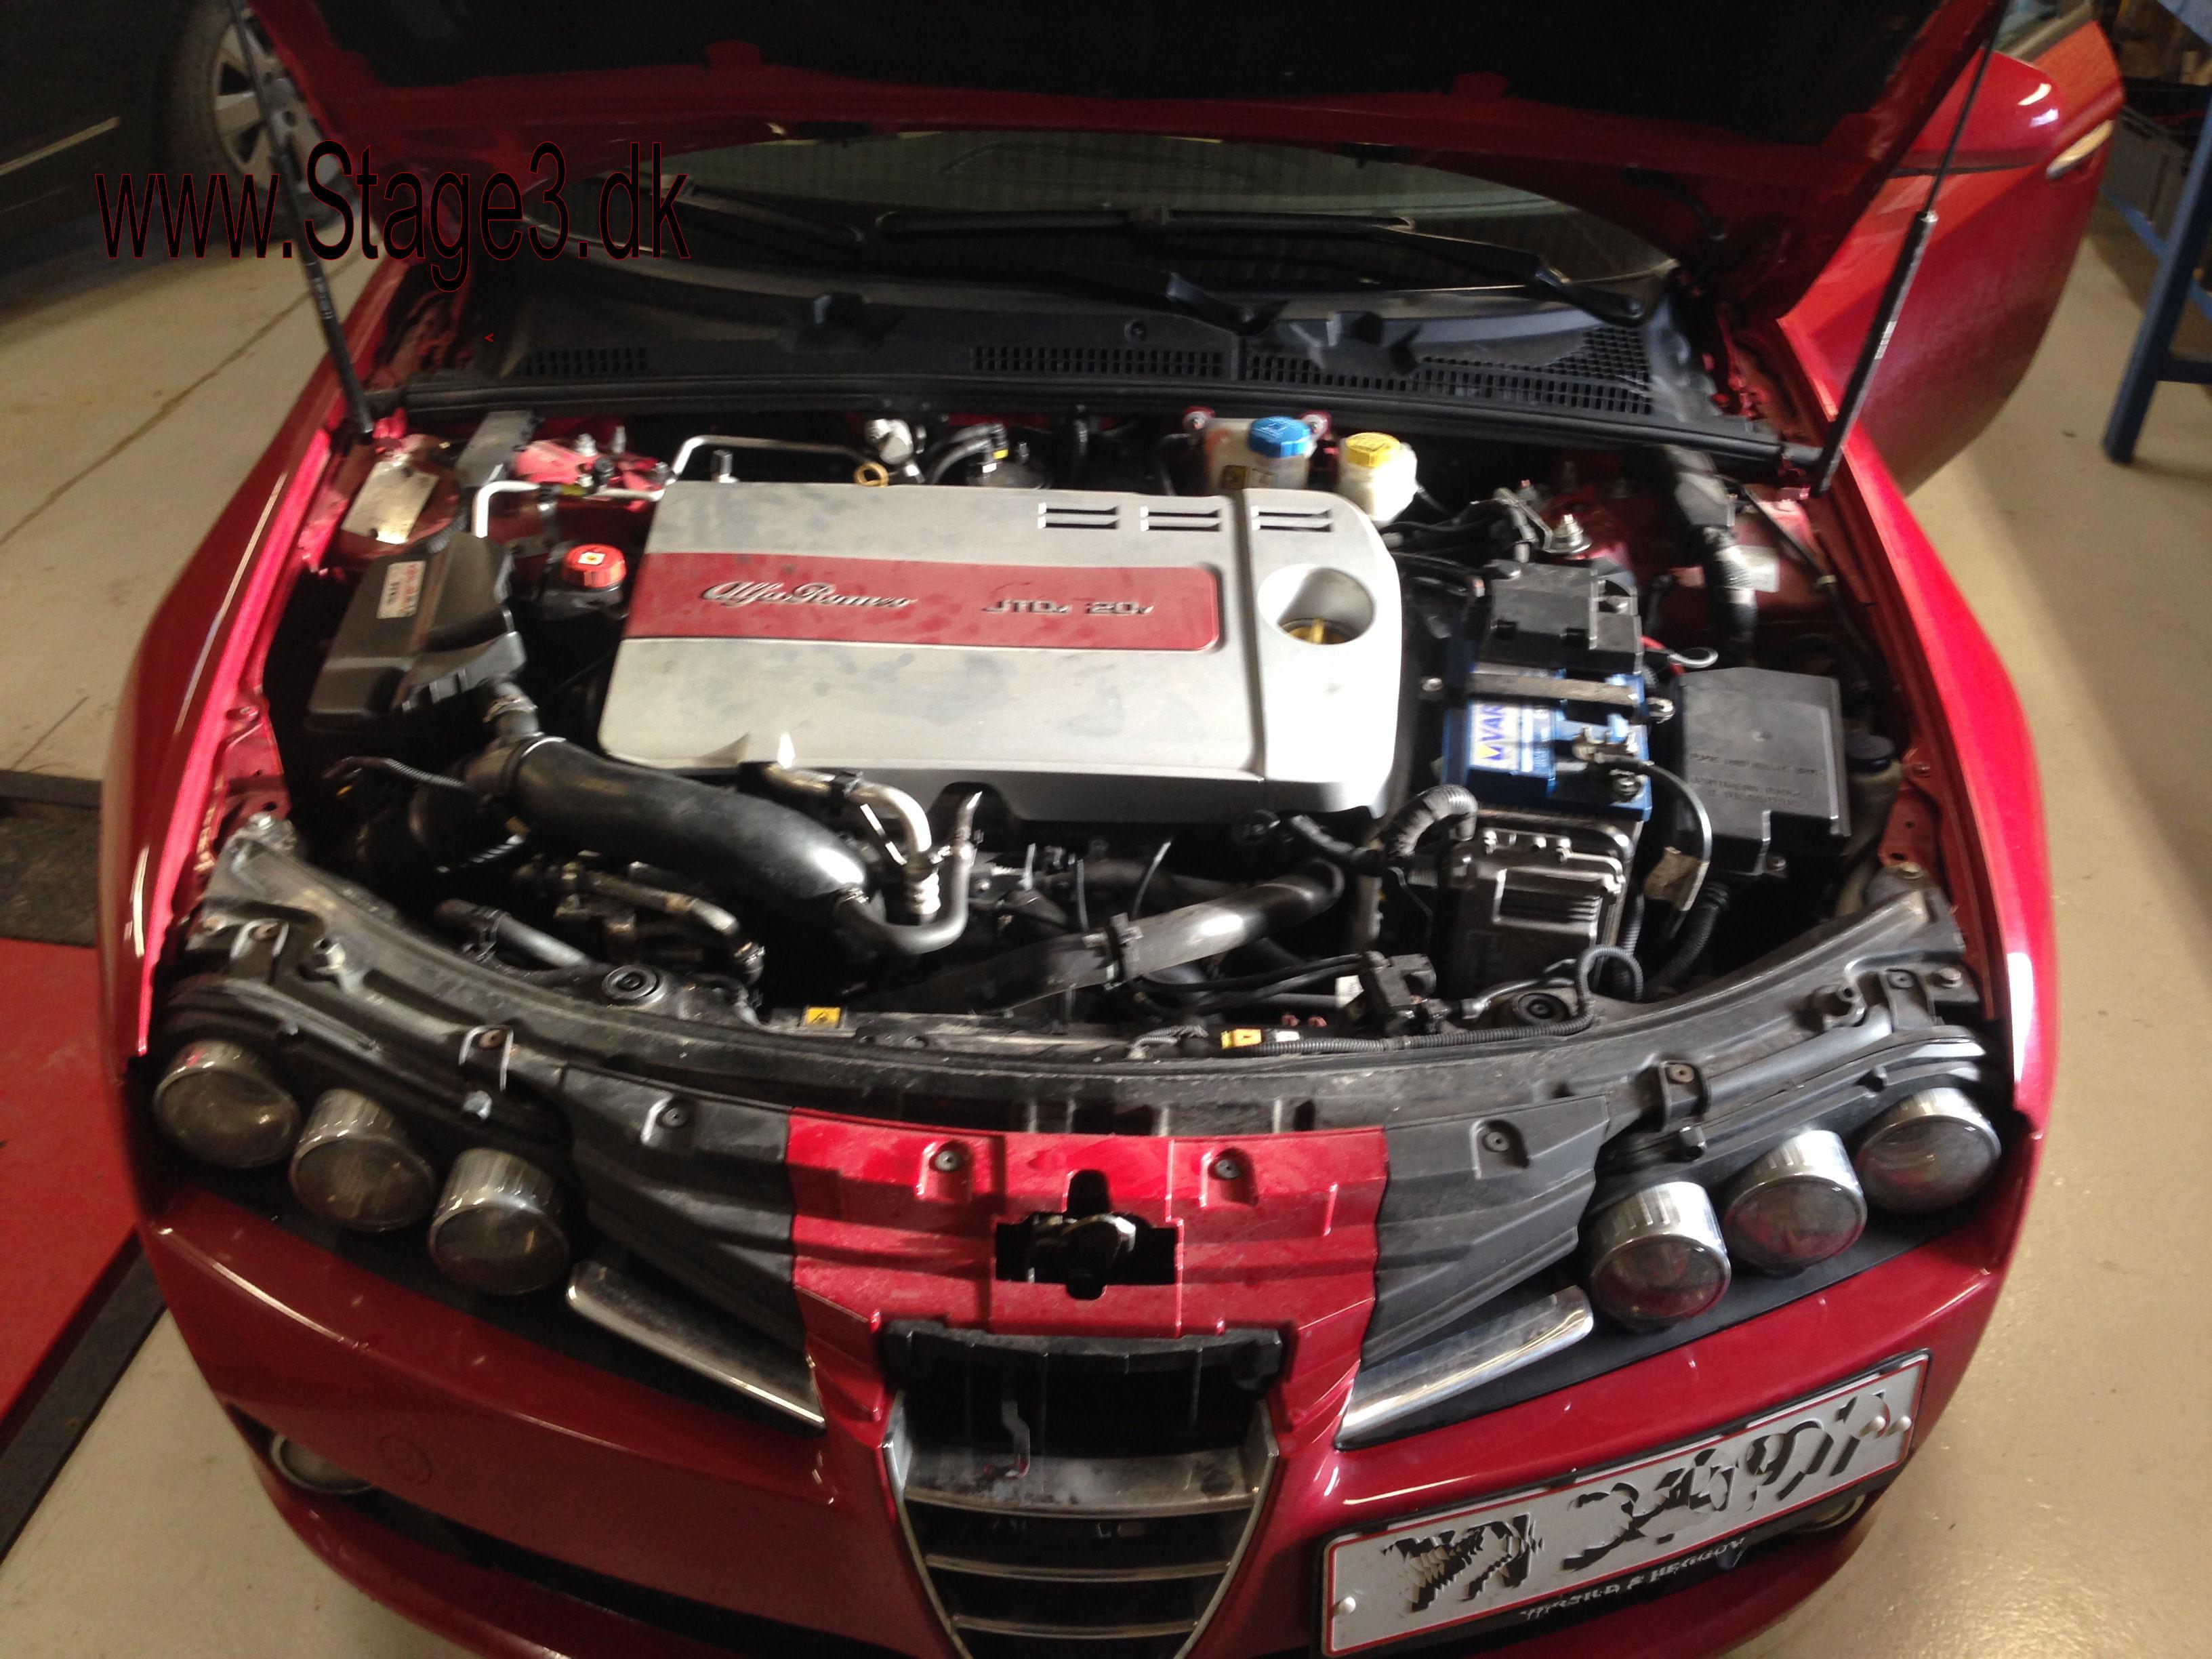 Alfa Romeo 159 JTDM 200hk (1)